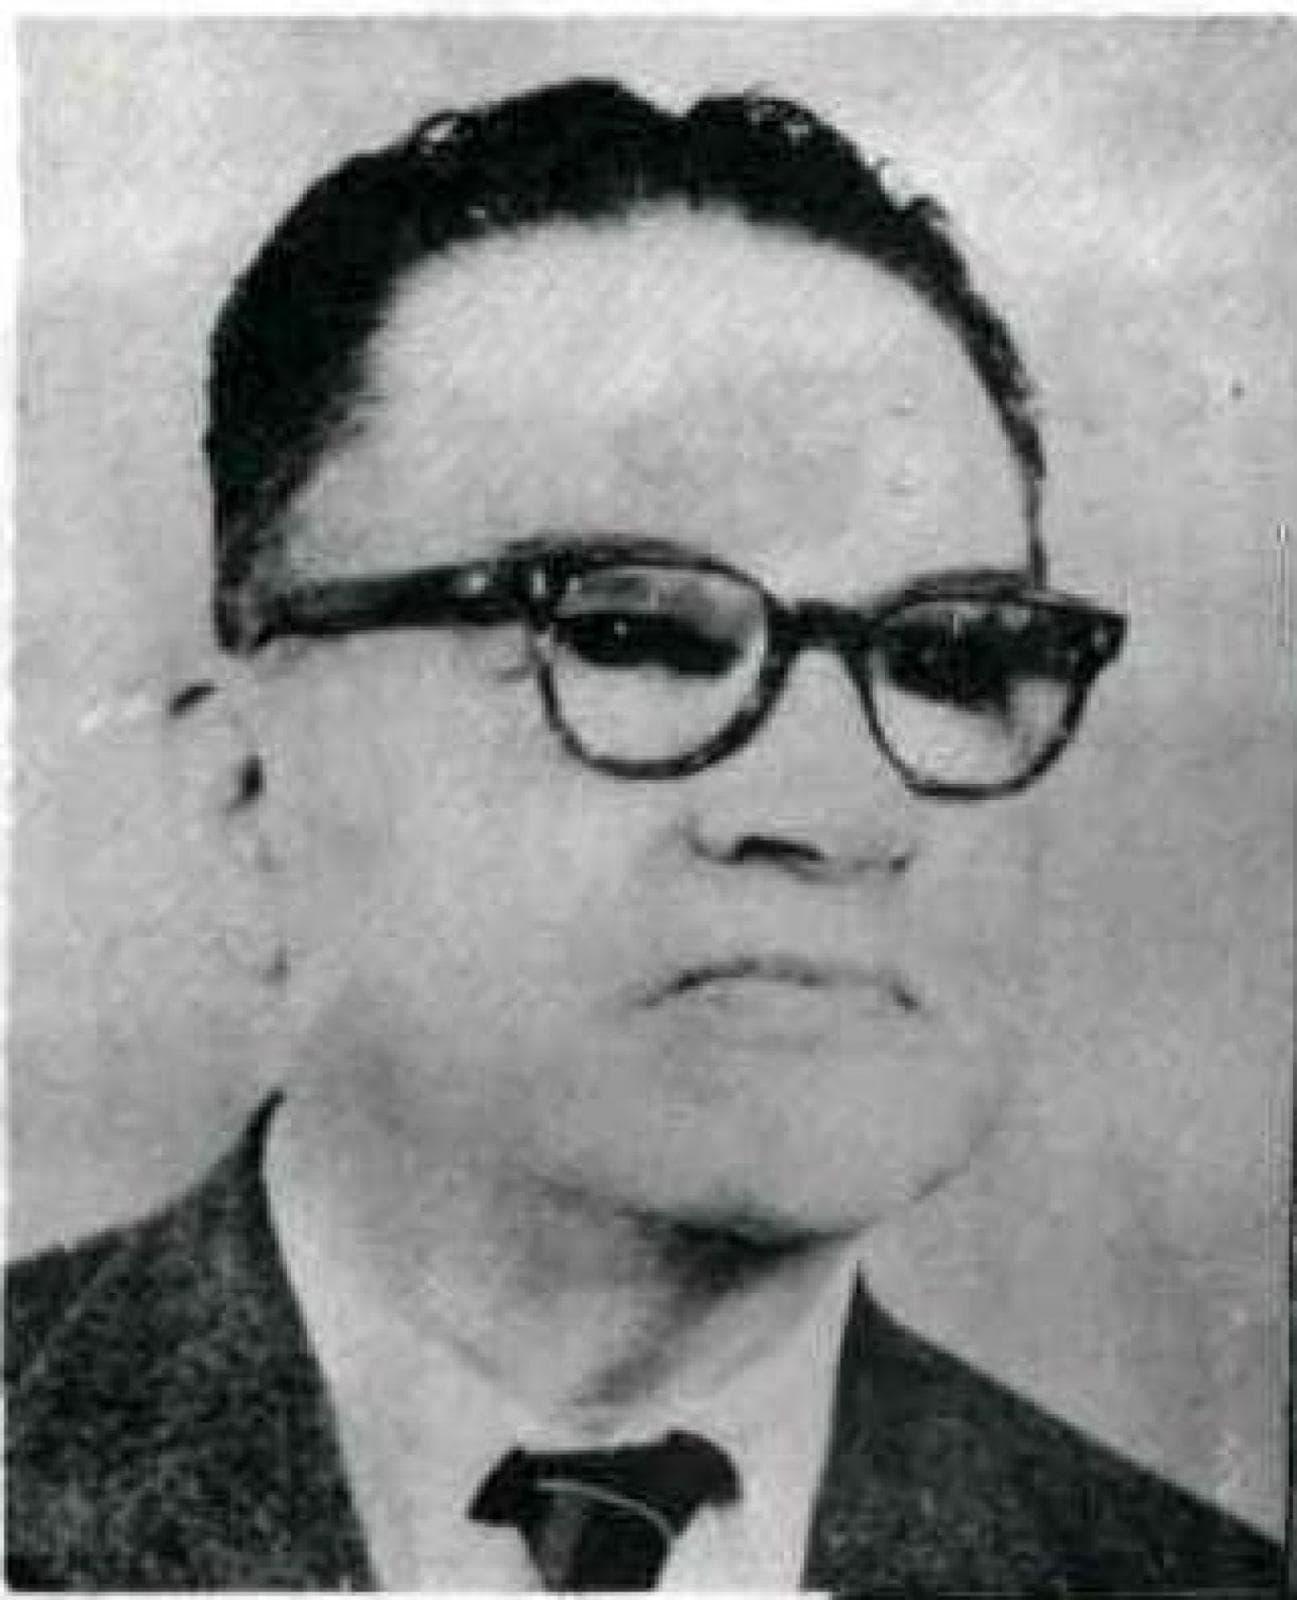 Dr. Hildebrando Westphalen